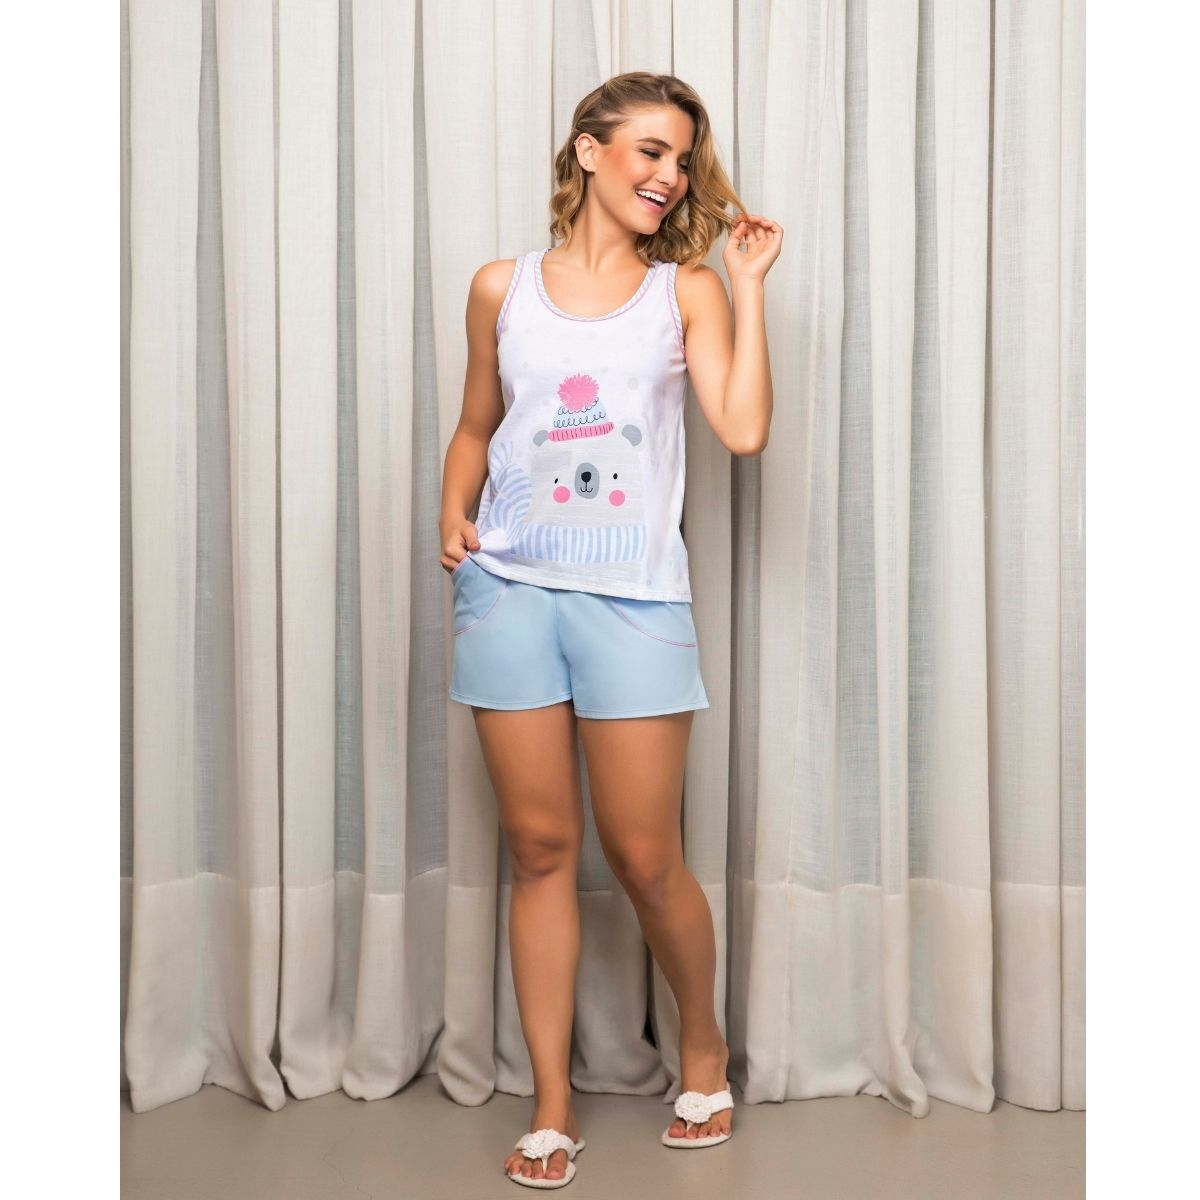 Pijama regata feminino verão baby doll algodão ursinho